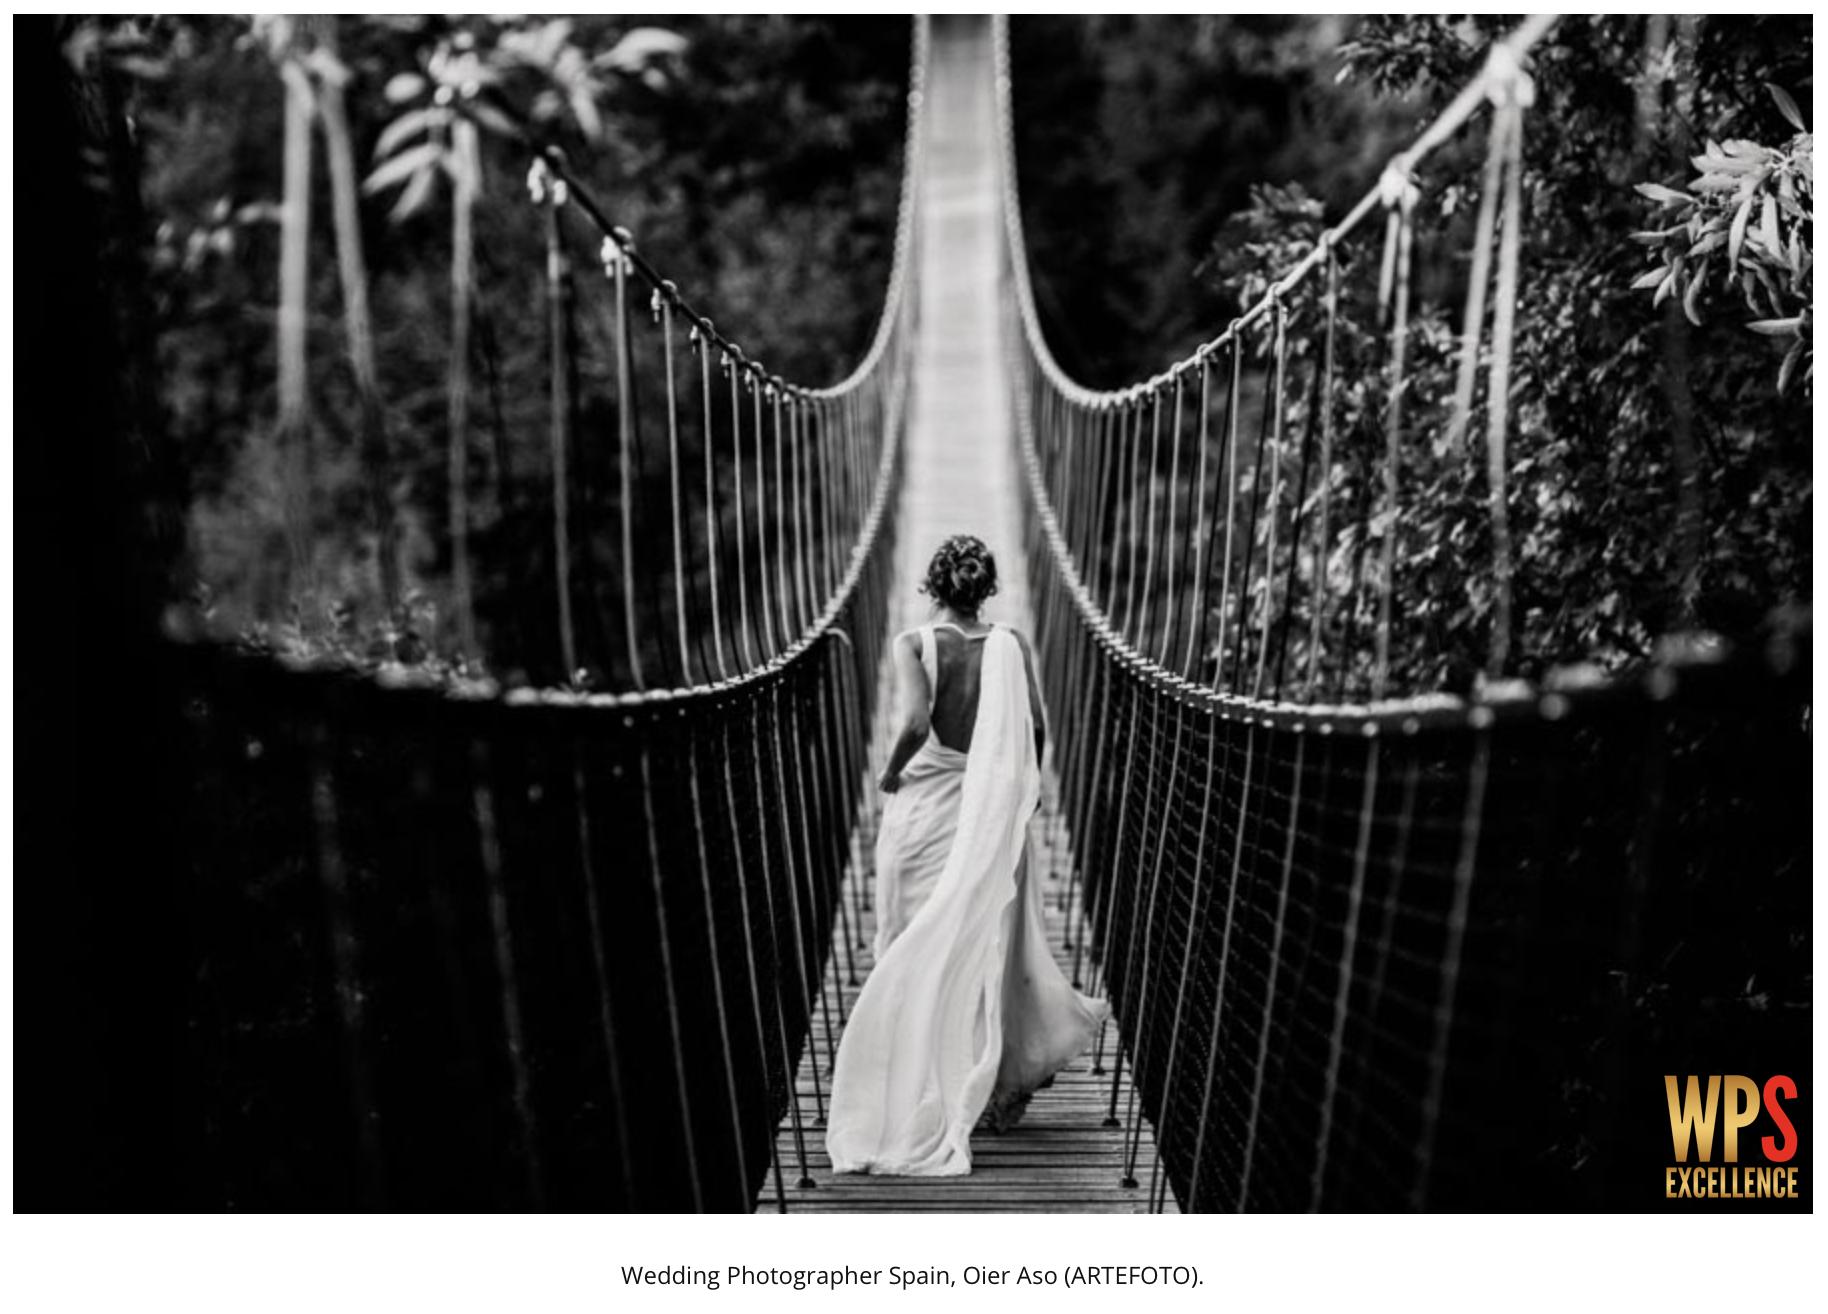 premio mejor fotografia de boda